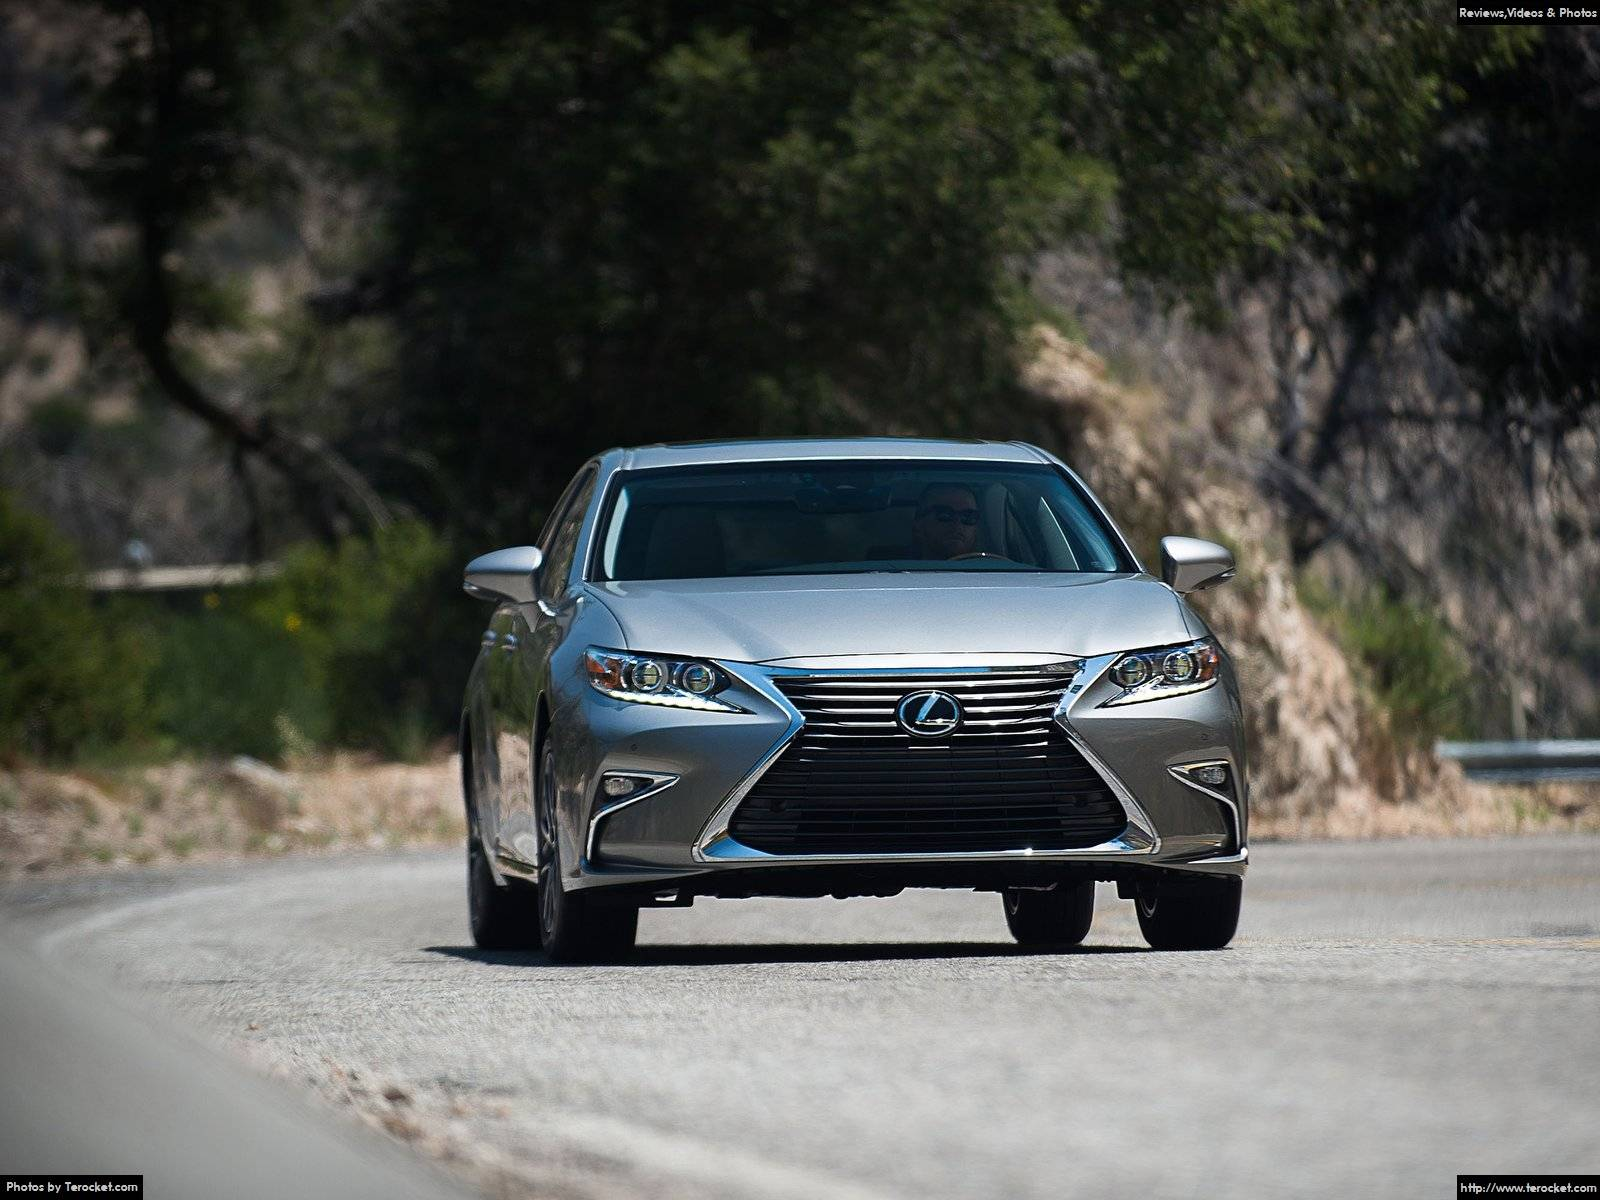 Lưới tản nhiệt, đèn pha...đặc trưng của các dòng xe Lexus